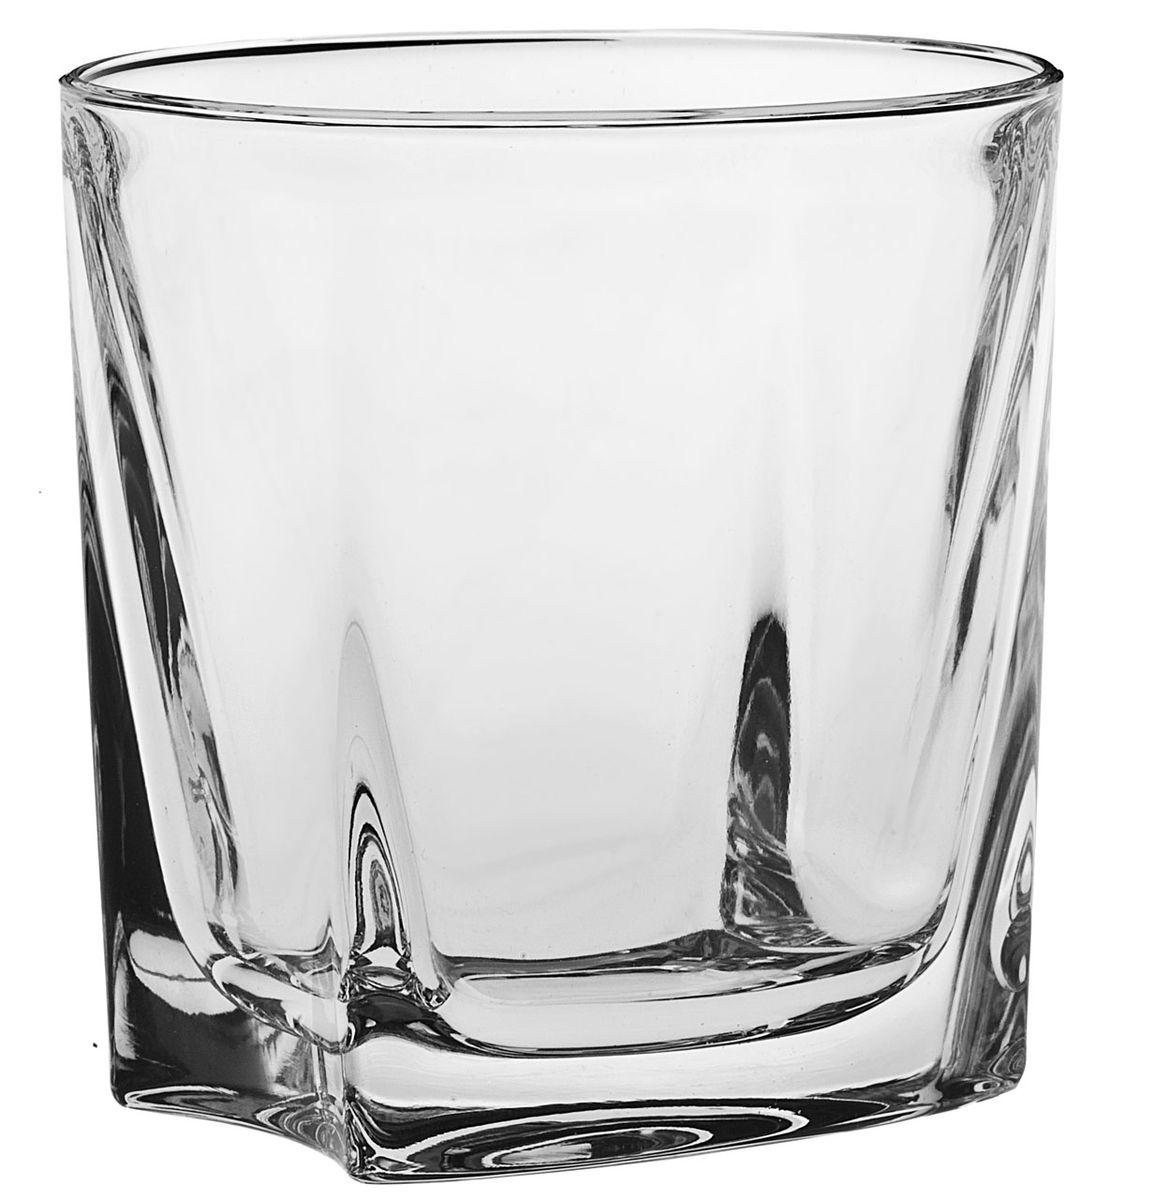 Набор стаканов Crystal Bohemia, 250 мл, 6 шт990/20210/0/00000/280-609Набор Crystal Bohemia состоит из шести стаканов. Изделия выполнены из хрусталя. Предметы набора имеют прозрачную поверхность. Они излучают приятный блеск и издают мелодичный звон. Набор стаканов Crystal Bohemia прекрасно оформит интерьер кабинета или гостиной и станет отличным дополнением бара. Такой набор также станет хорошим подарком к любому случаю. Диаметр стакана (по верхнему краю): 9 см. Высота стакана: 9,5 см. Размер дна стакана: 7 см х 5,5 см.